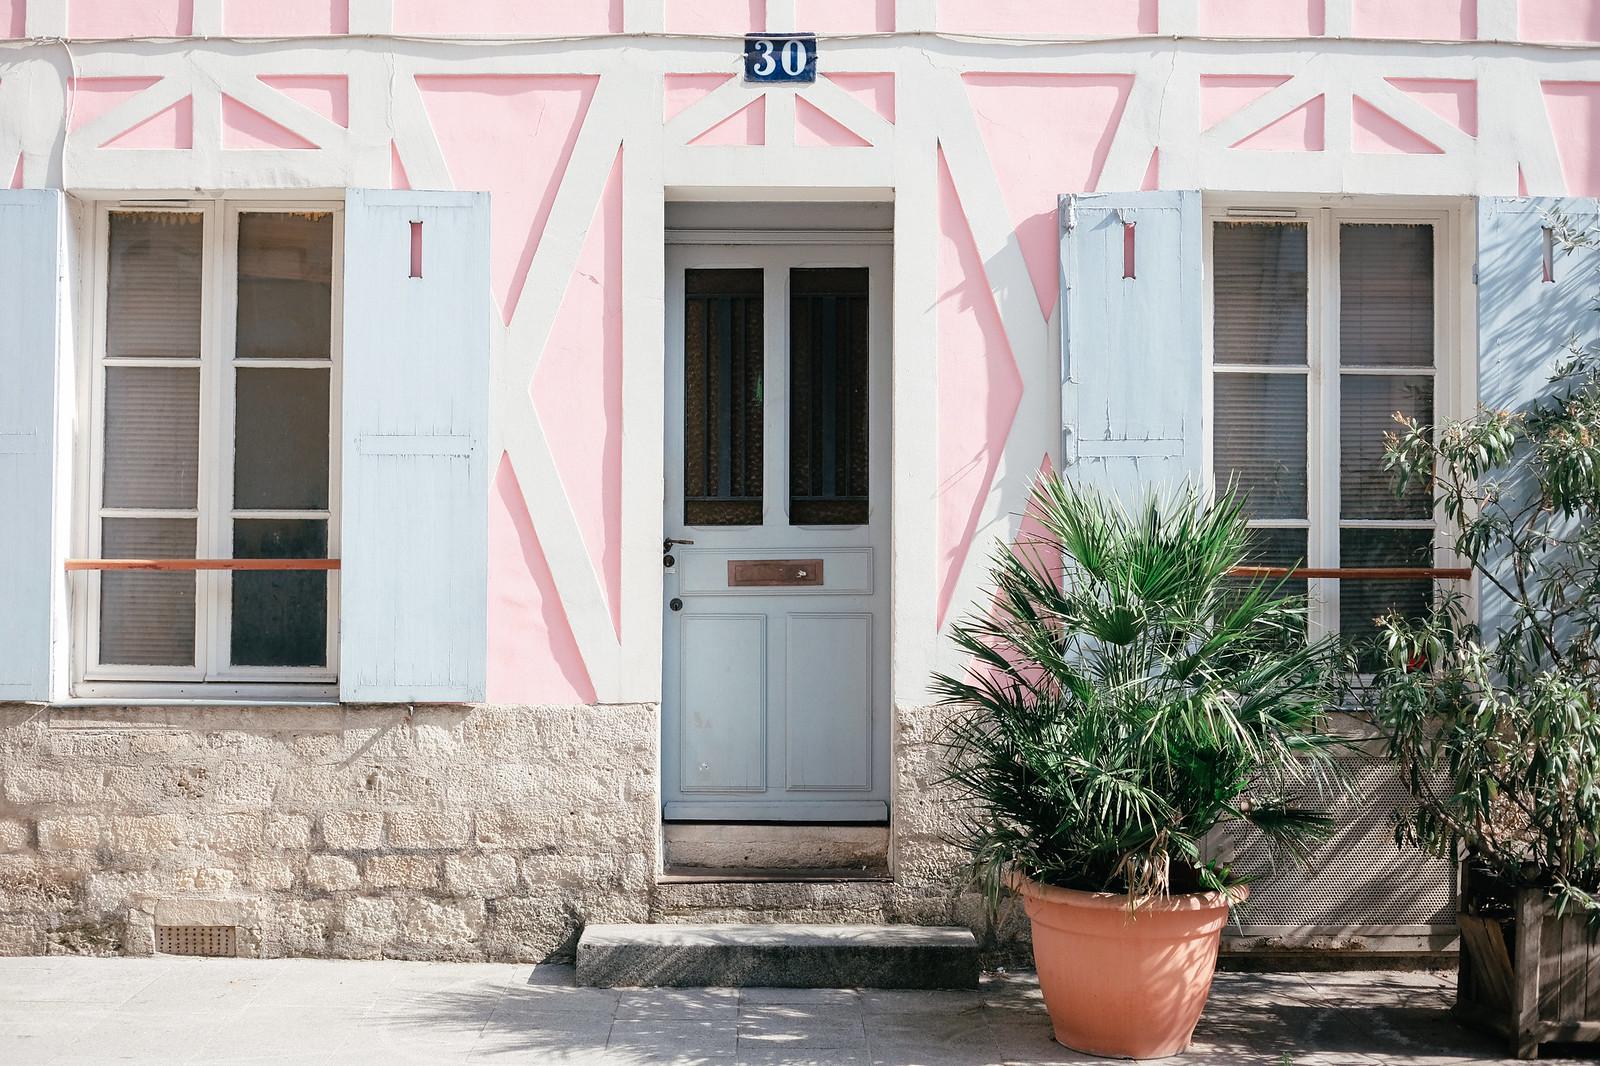 Rue Crémieux in Paris, France